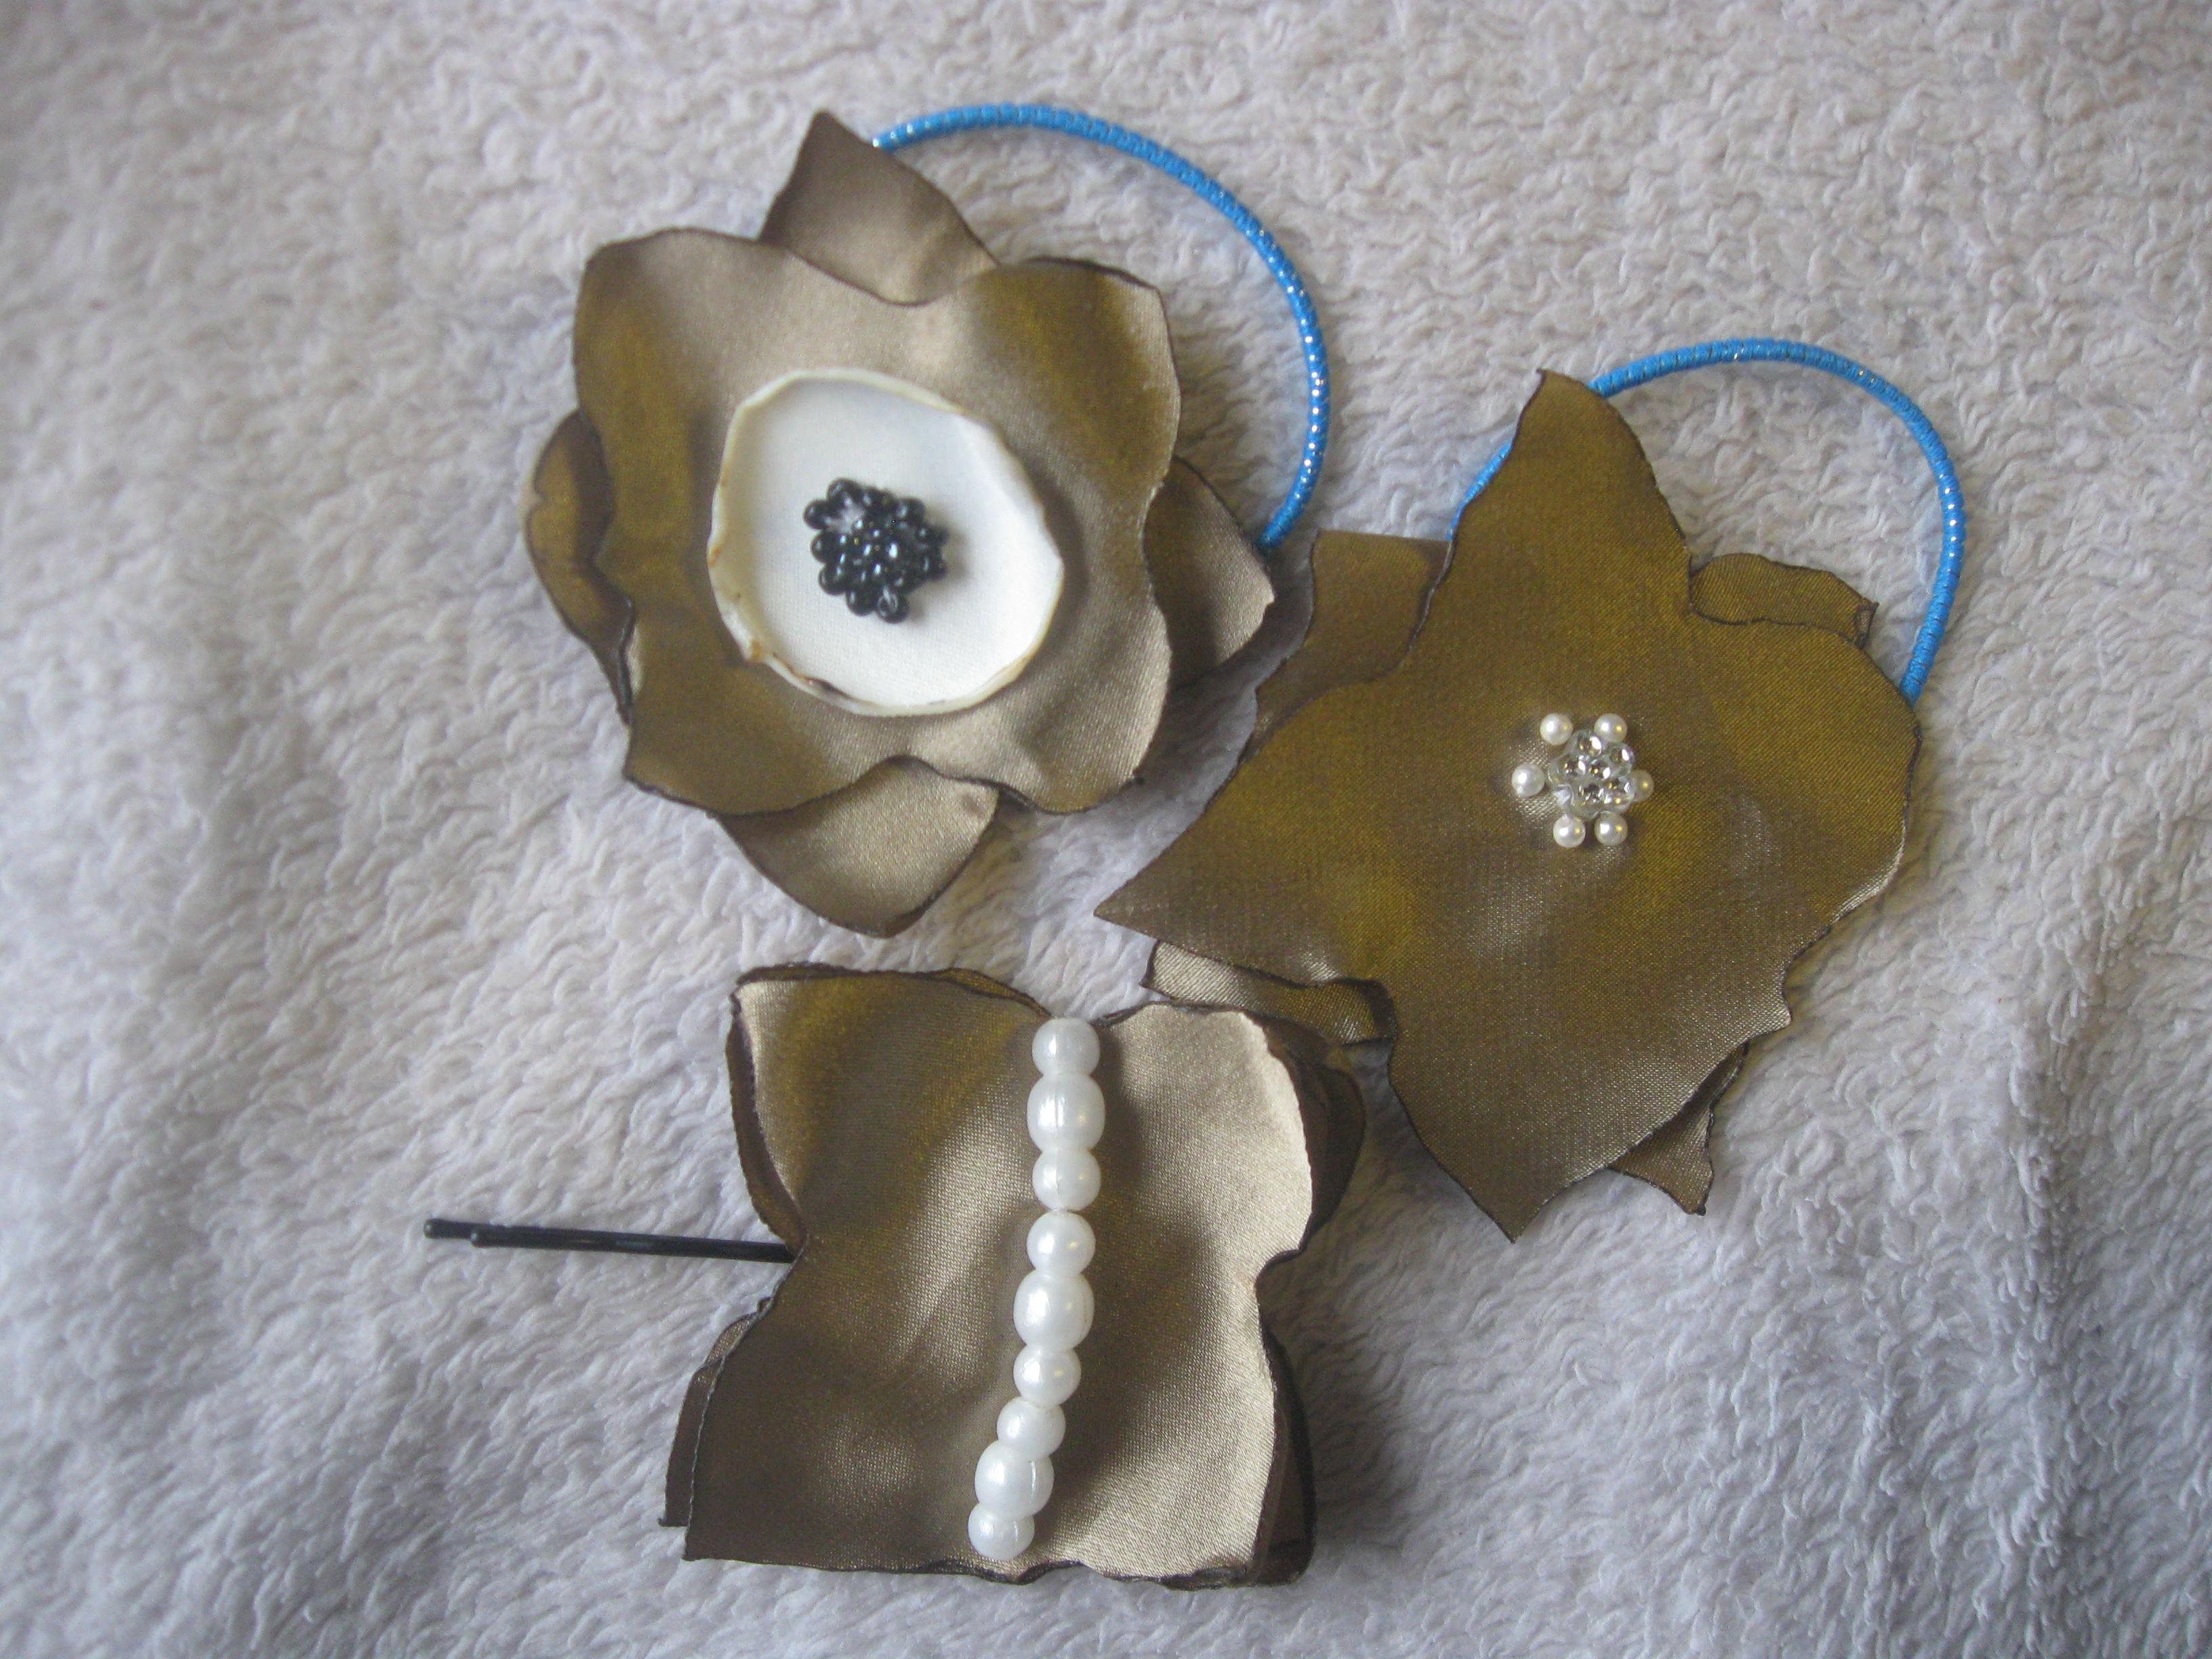 Teeme ise taaskasutatud materjalist kaunistustega patsikummid